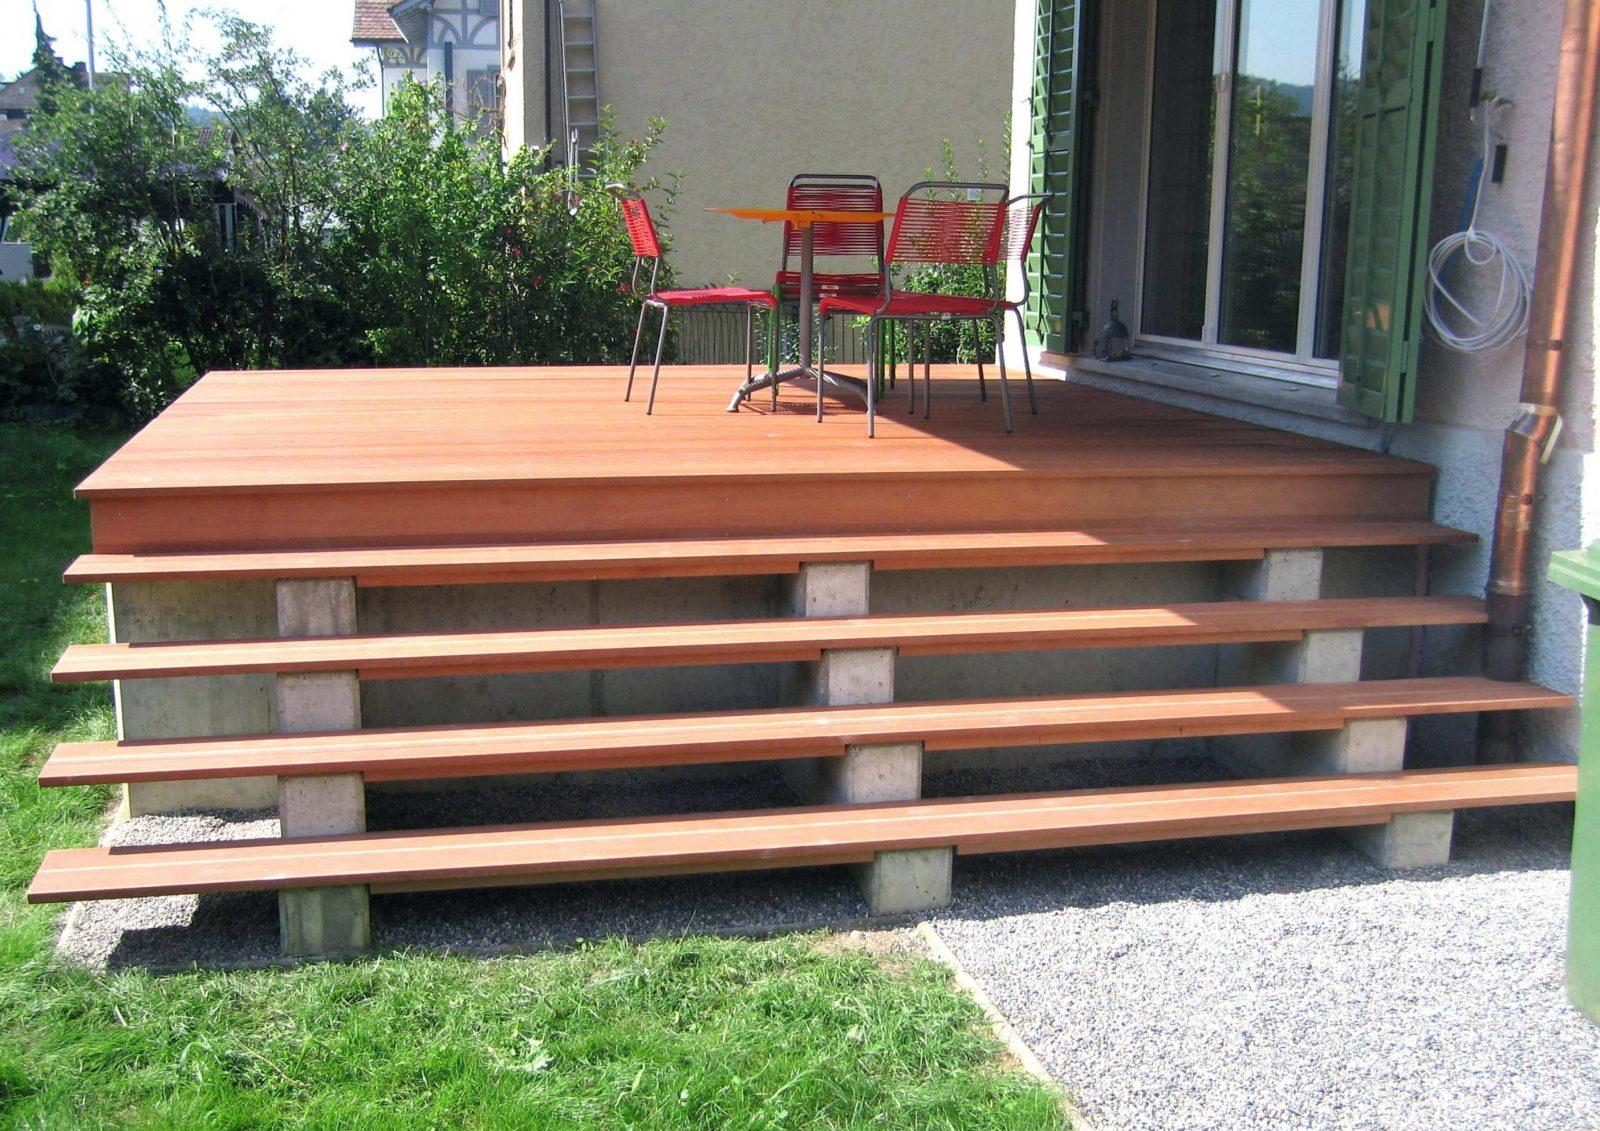 21 Angenehm Galerie Bilder Von Außentreppe Holz Mit Podest von Außentreppe Selber Bauen Holz Photo